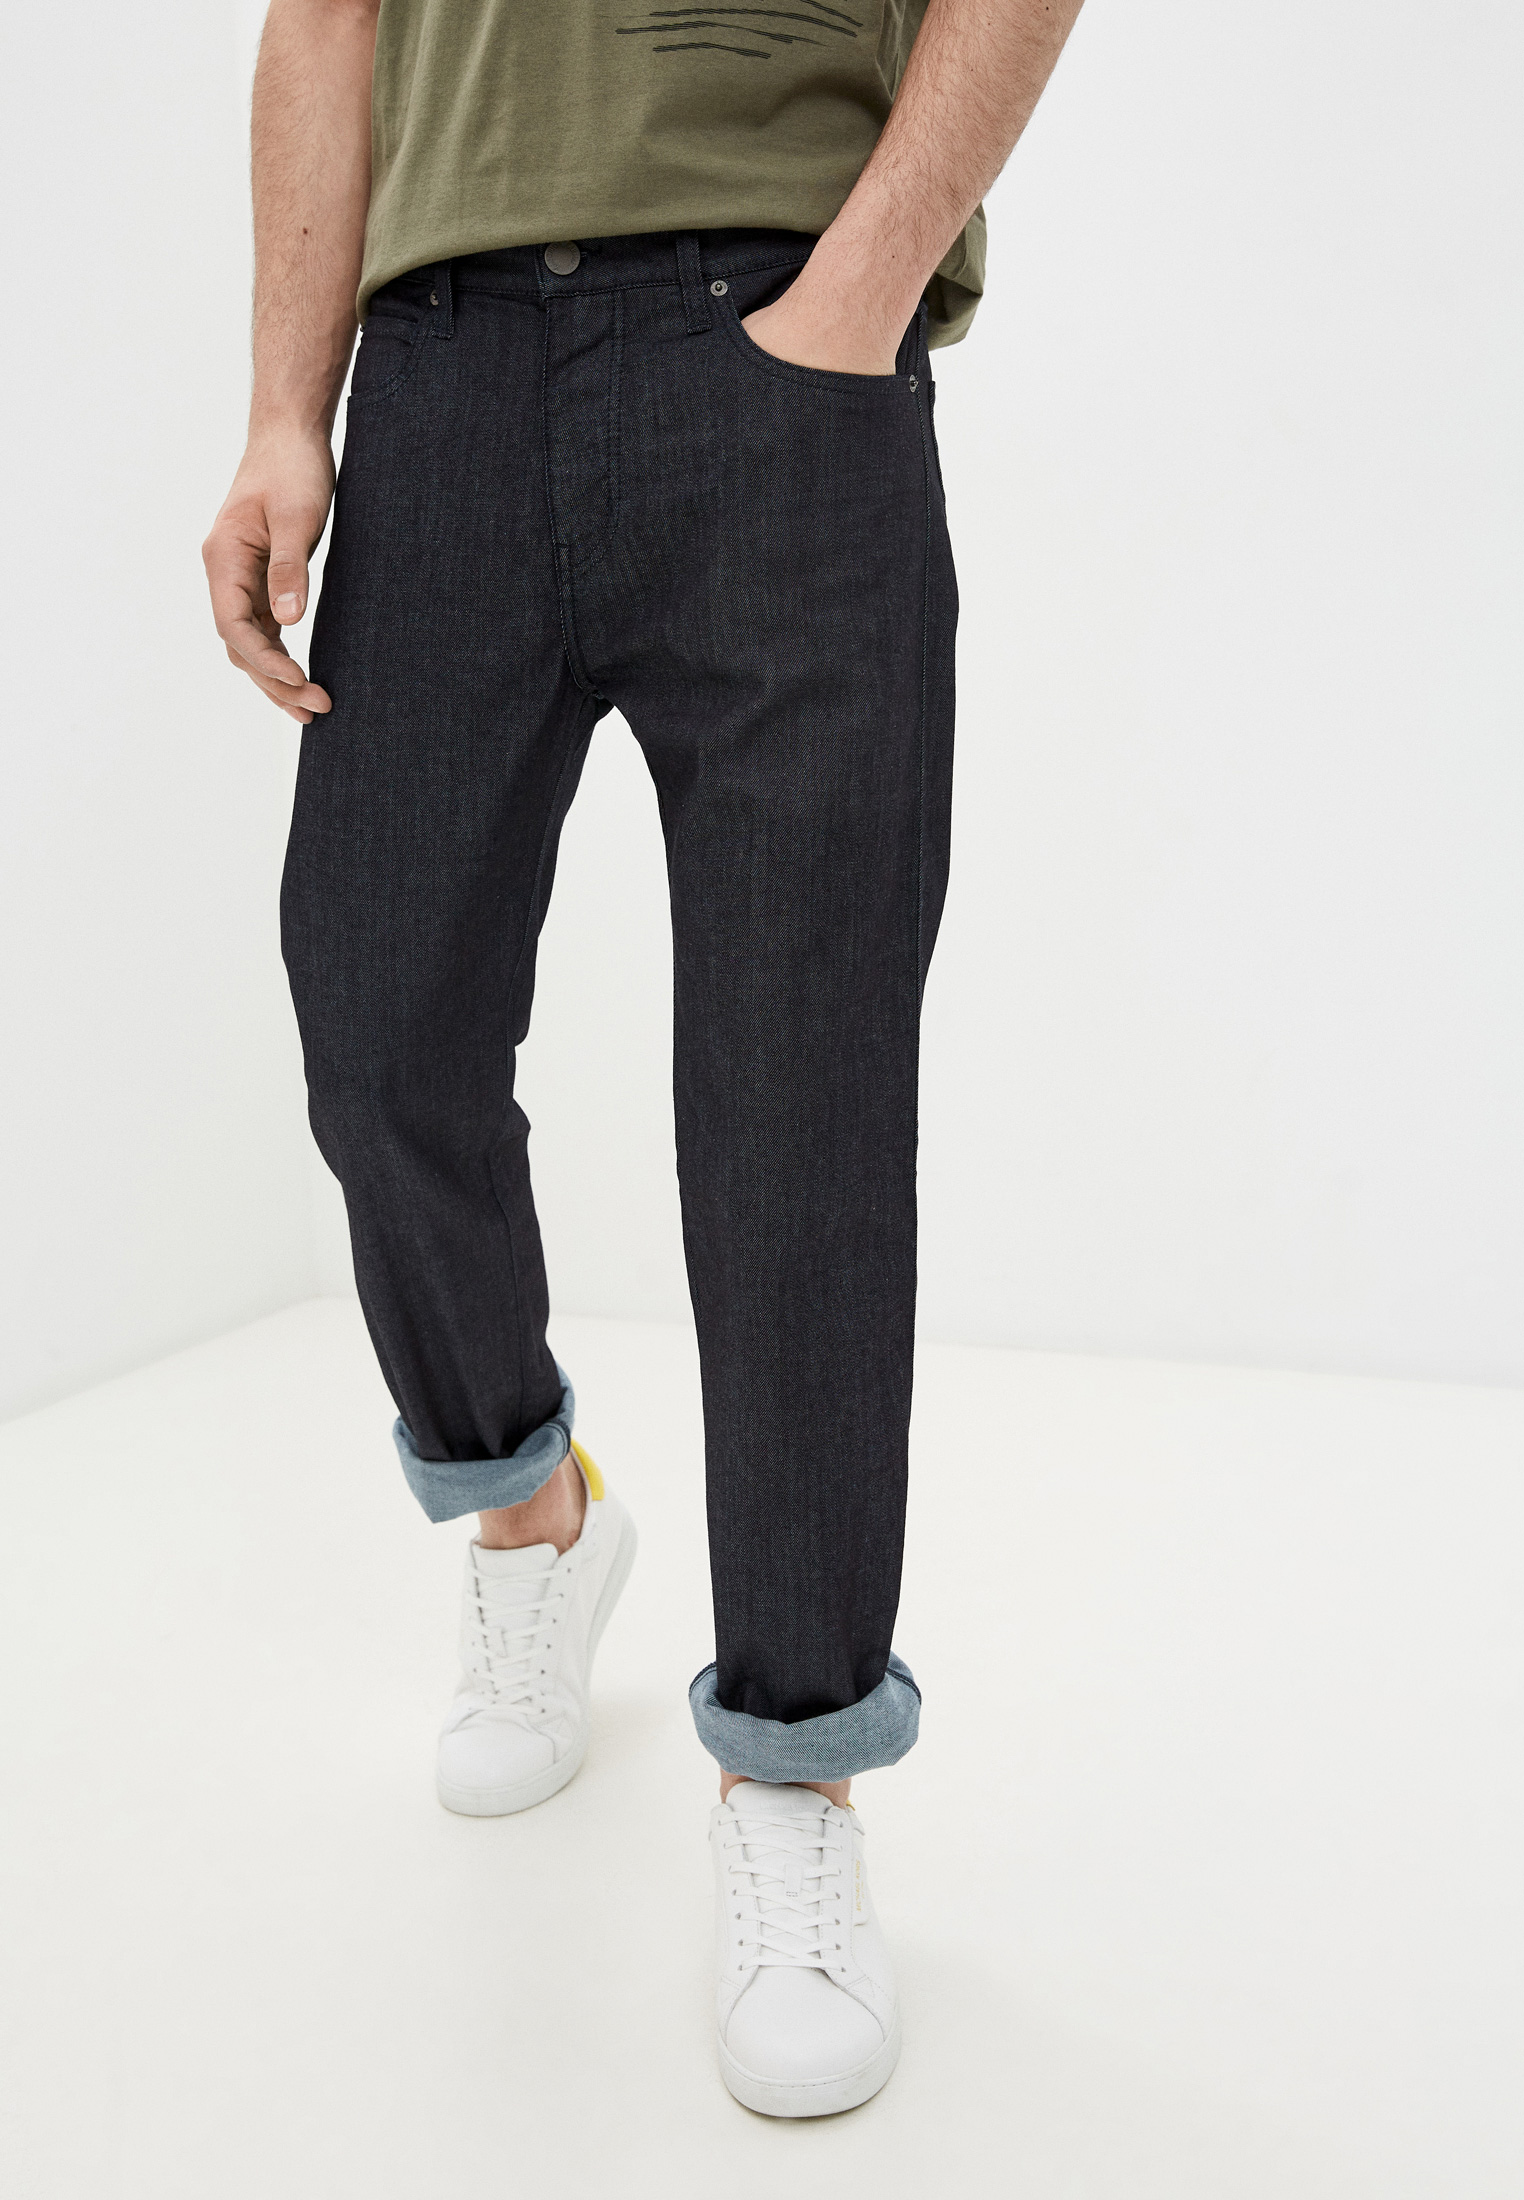 Мужские прямые джинсы Emporio Armani Джинсы Emporio Armani